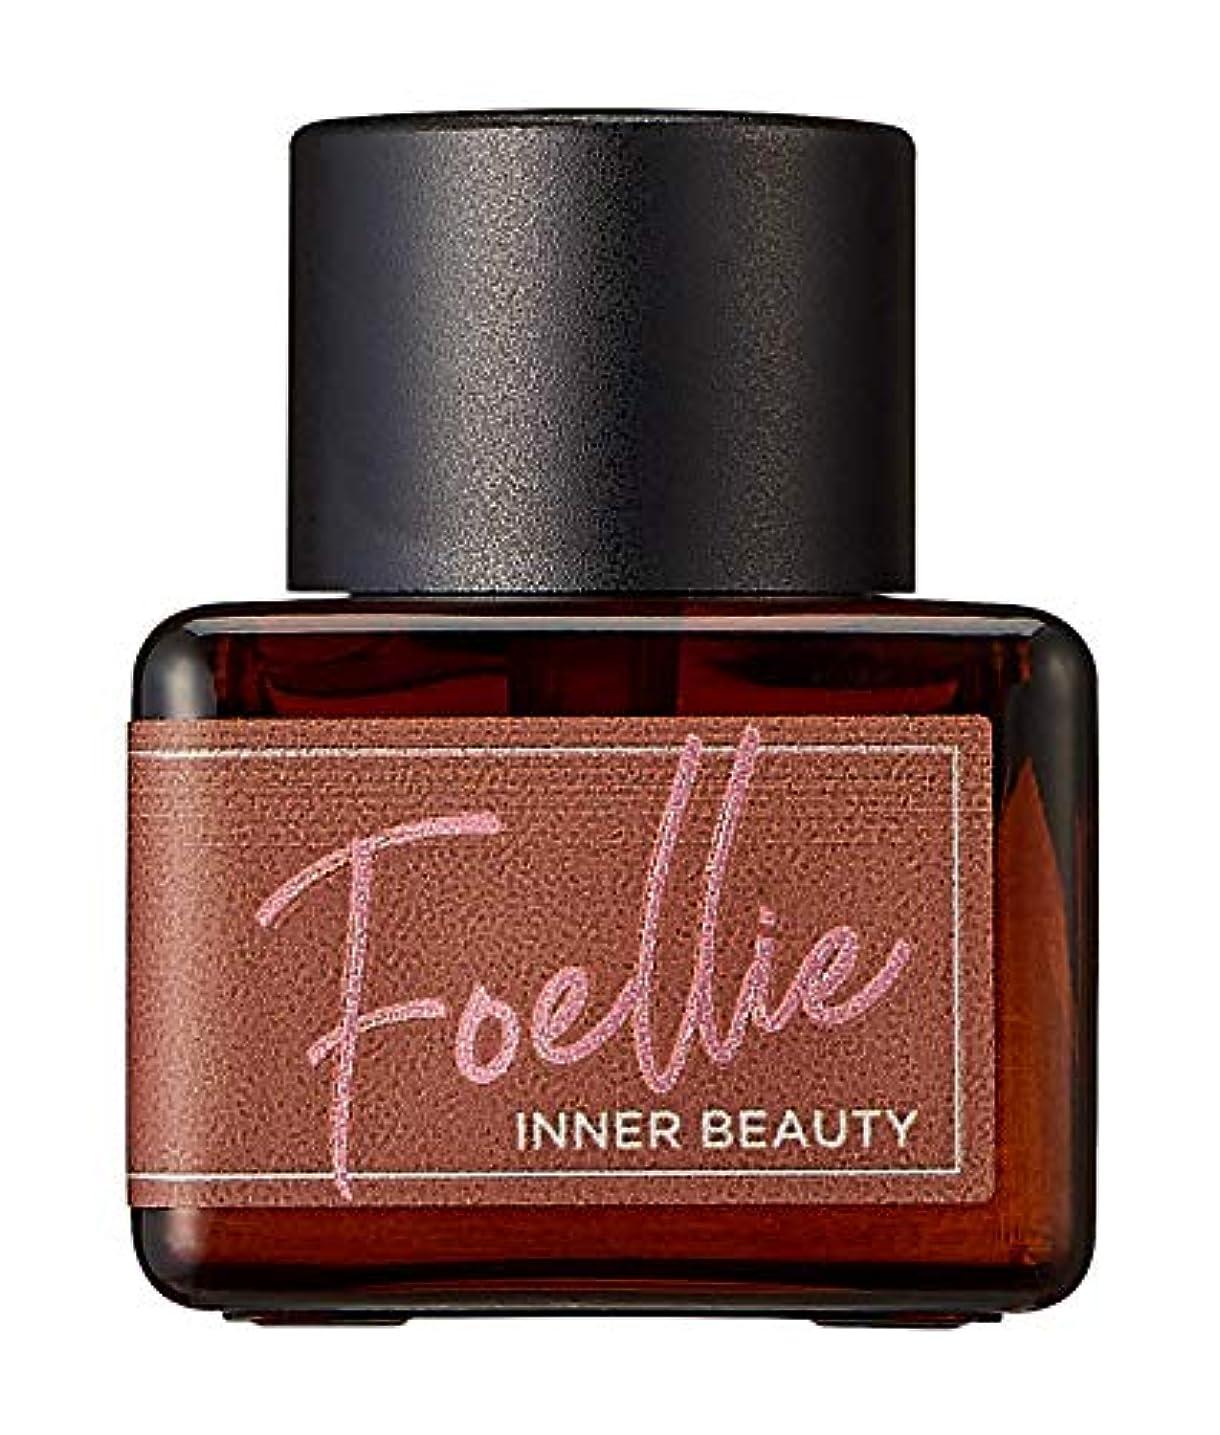 リスク急ぐとして[フォエリー(FOELLIE)] eau de foret オードフォーレ – フェミニン、インナービューティー香水(下着用)、ウッディで爽快な森林のような香水 5ml(0.169 fl oz)